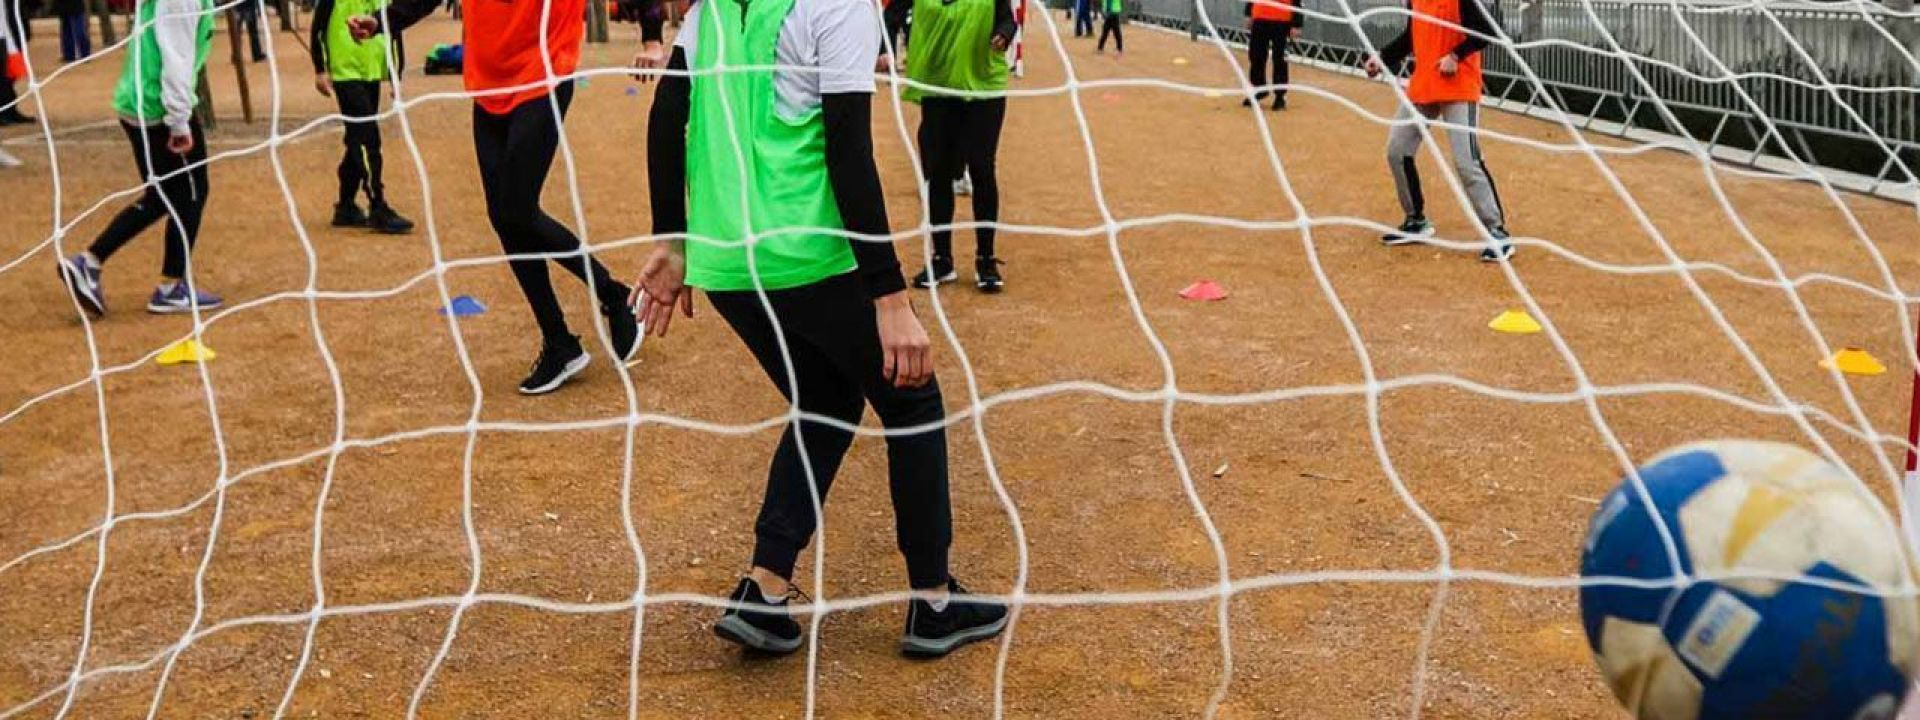 Φωτογραφία που απεικονίζει τη δραστηριότητα mini handball